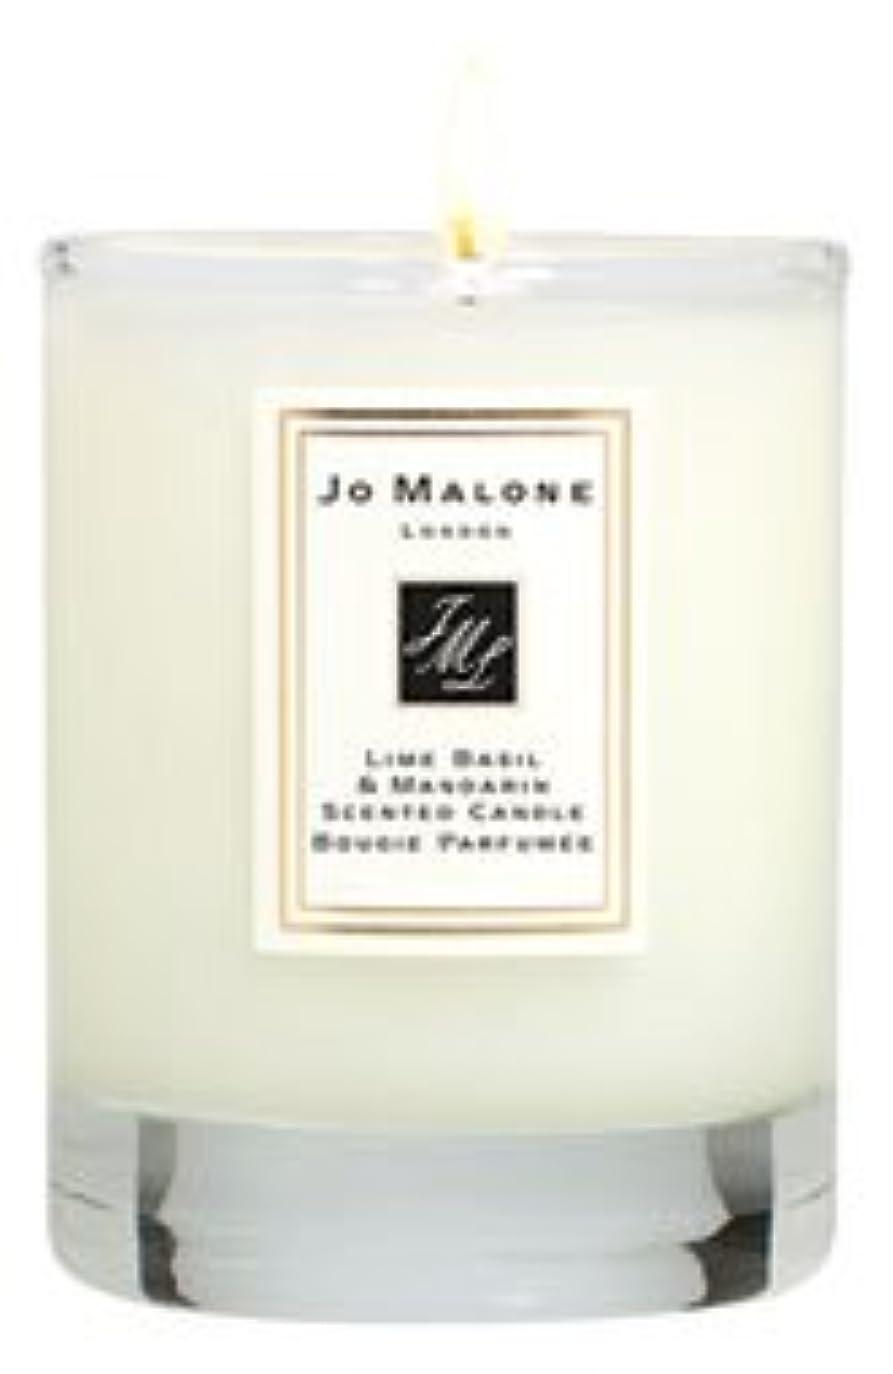 ジョーマローン ホワイト ジャスミン&ミント 7.0 oz (210ml) ホーム キャンドル (香りつき)